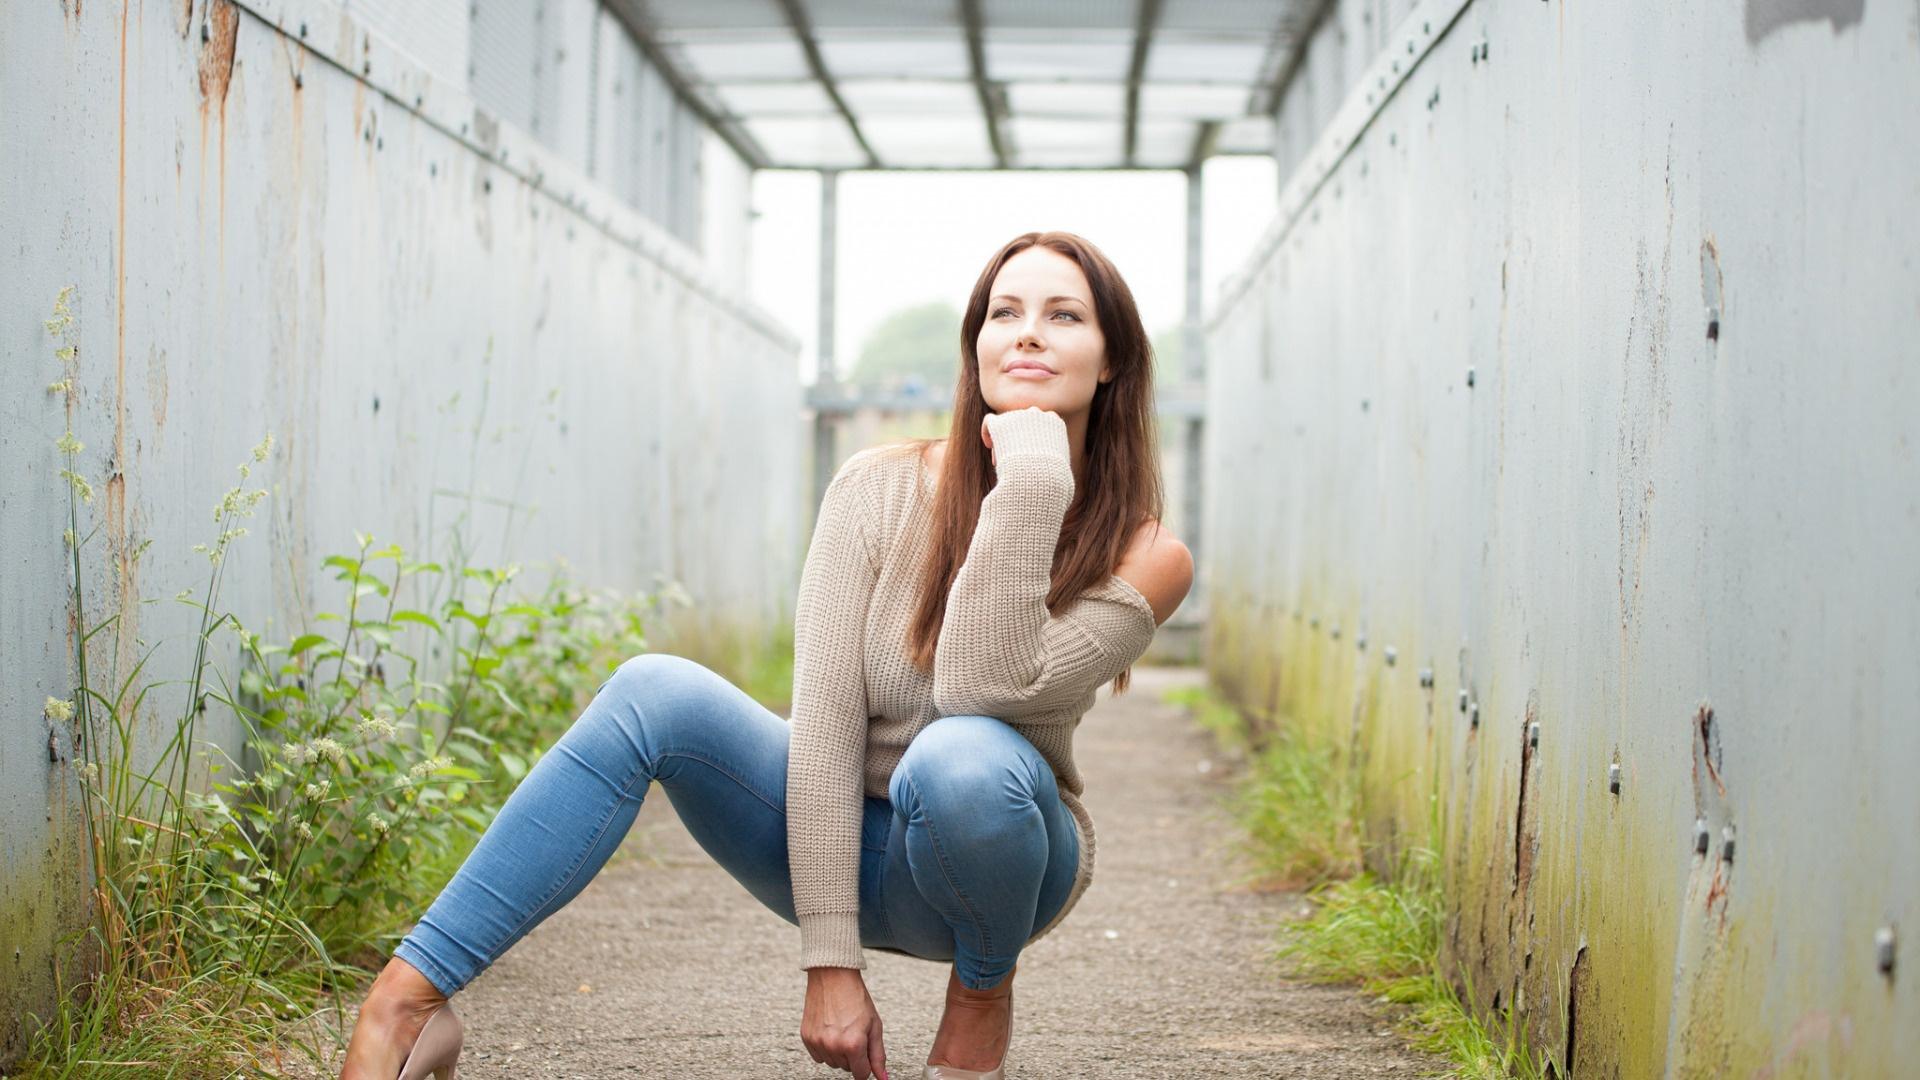 Белом фото девушки в джинсах сидя сексуальные фантазии смотреть